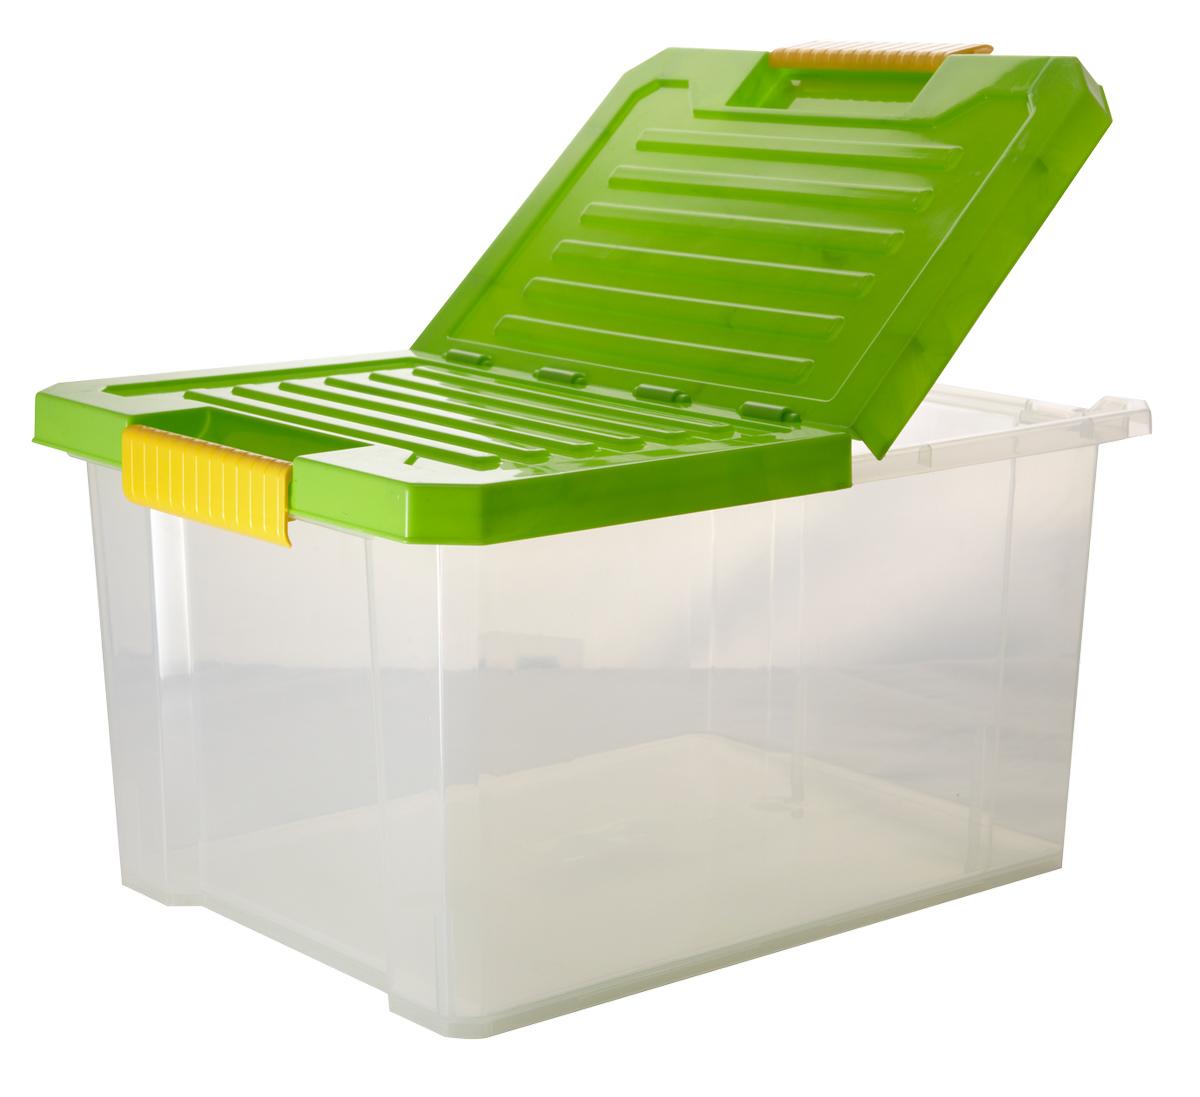 Ящик для хранения BranQ Unibox, цвет: зеленый, прозрачный, 17 л41619Универсальный ящик для хранения BranQ Unibox, выполненный из прочного пластика, поможет правильно организовать пространство в доме и сэкономить место. В нем можно хранить все, что угодно: одежду, обувь, детские игрушки и многое другое. Прочный каркас ящика позволит хранить как легкие вещи, так и переносить собранный урожай овощей или фруктов. Изделие оснащено складной крышкой, которая защитит вещи от пыли, грязи и влаги. Эргономичные ручки-защелки, позволяют переносить ящик как с крышкой, так и без нее.